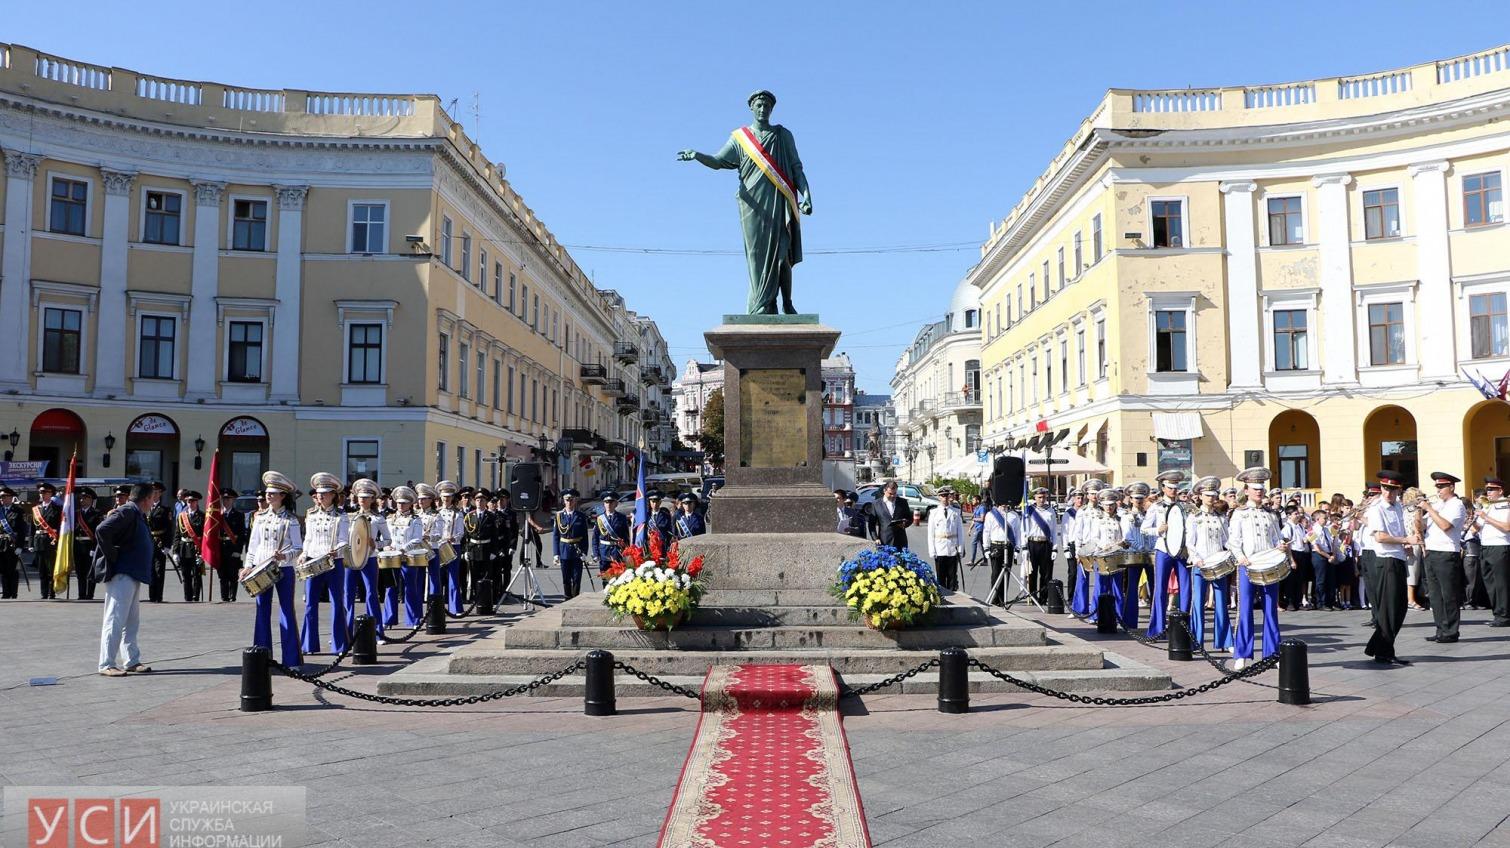 В Одессе подняли флаг: празднование Дня города началось (фото) «фото»